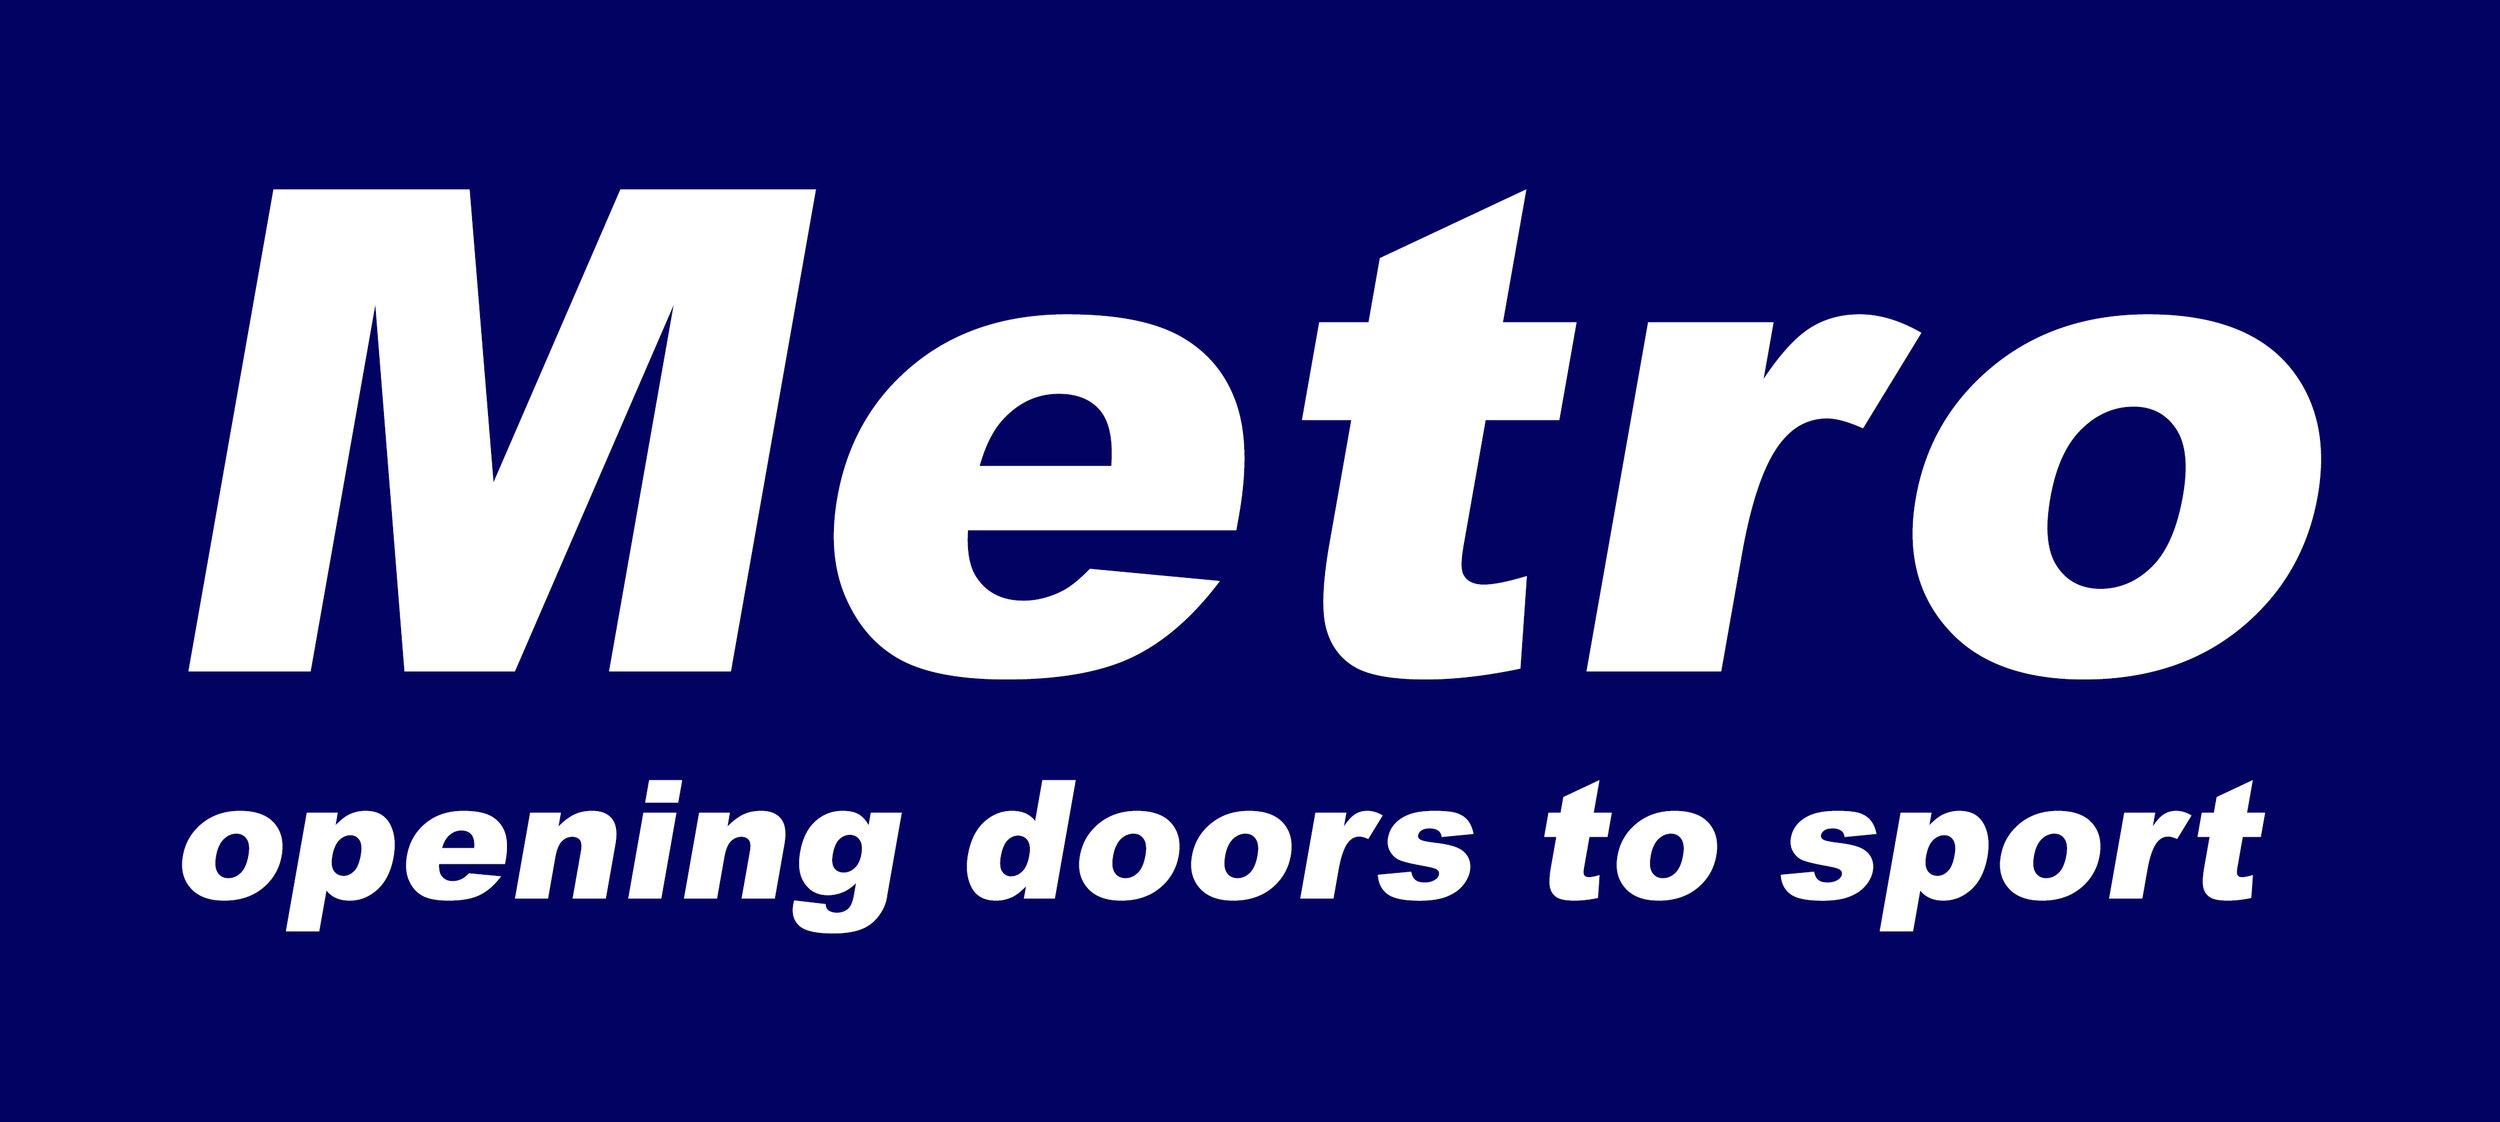 MetroBlindSport_Logo_BlueBackground_Sept_2016.jpg